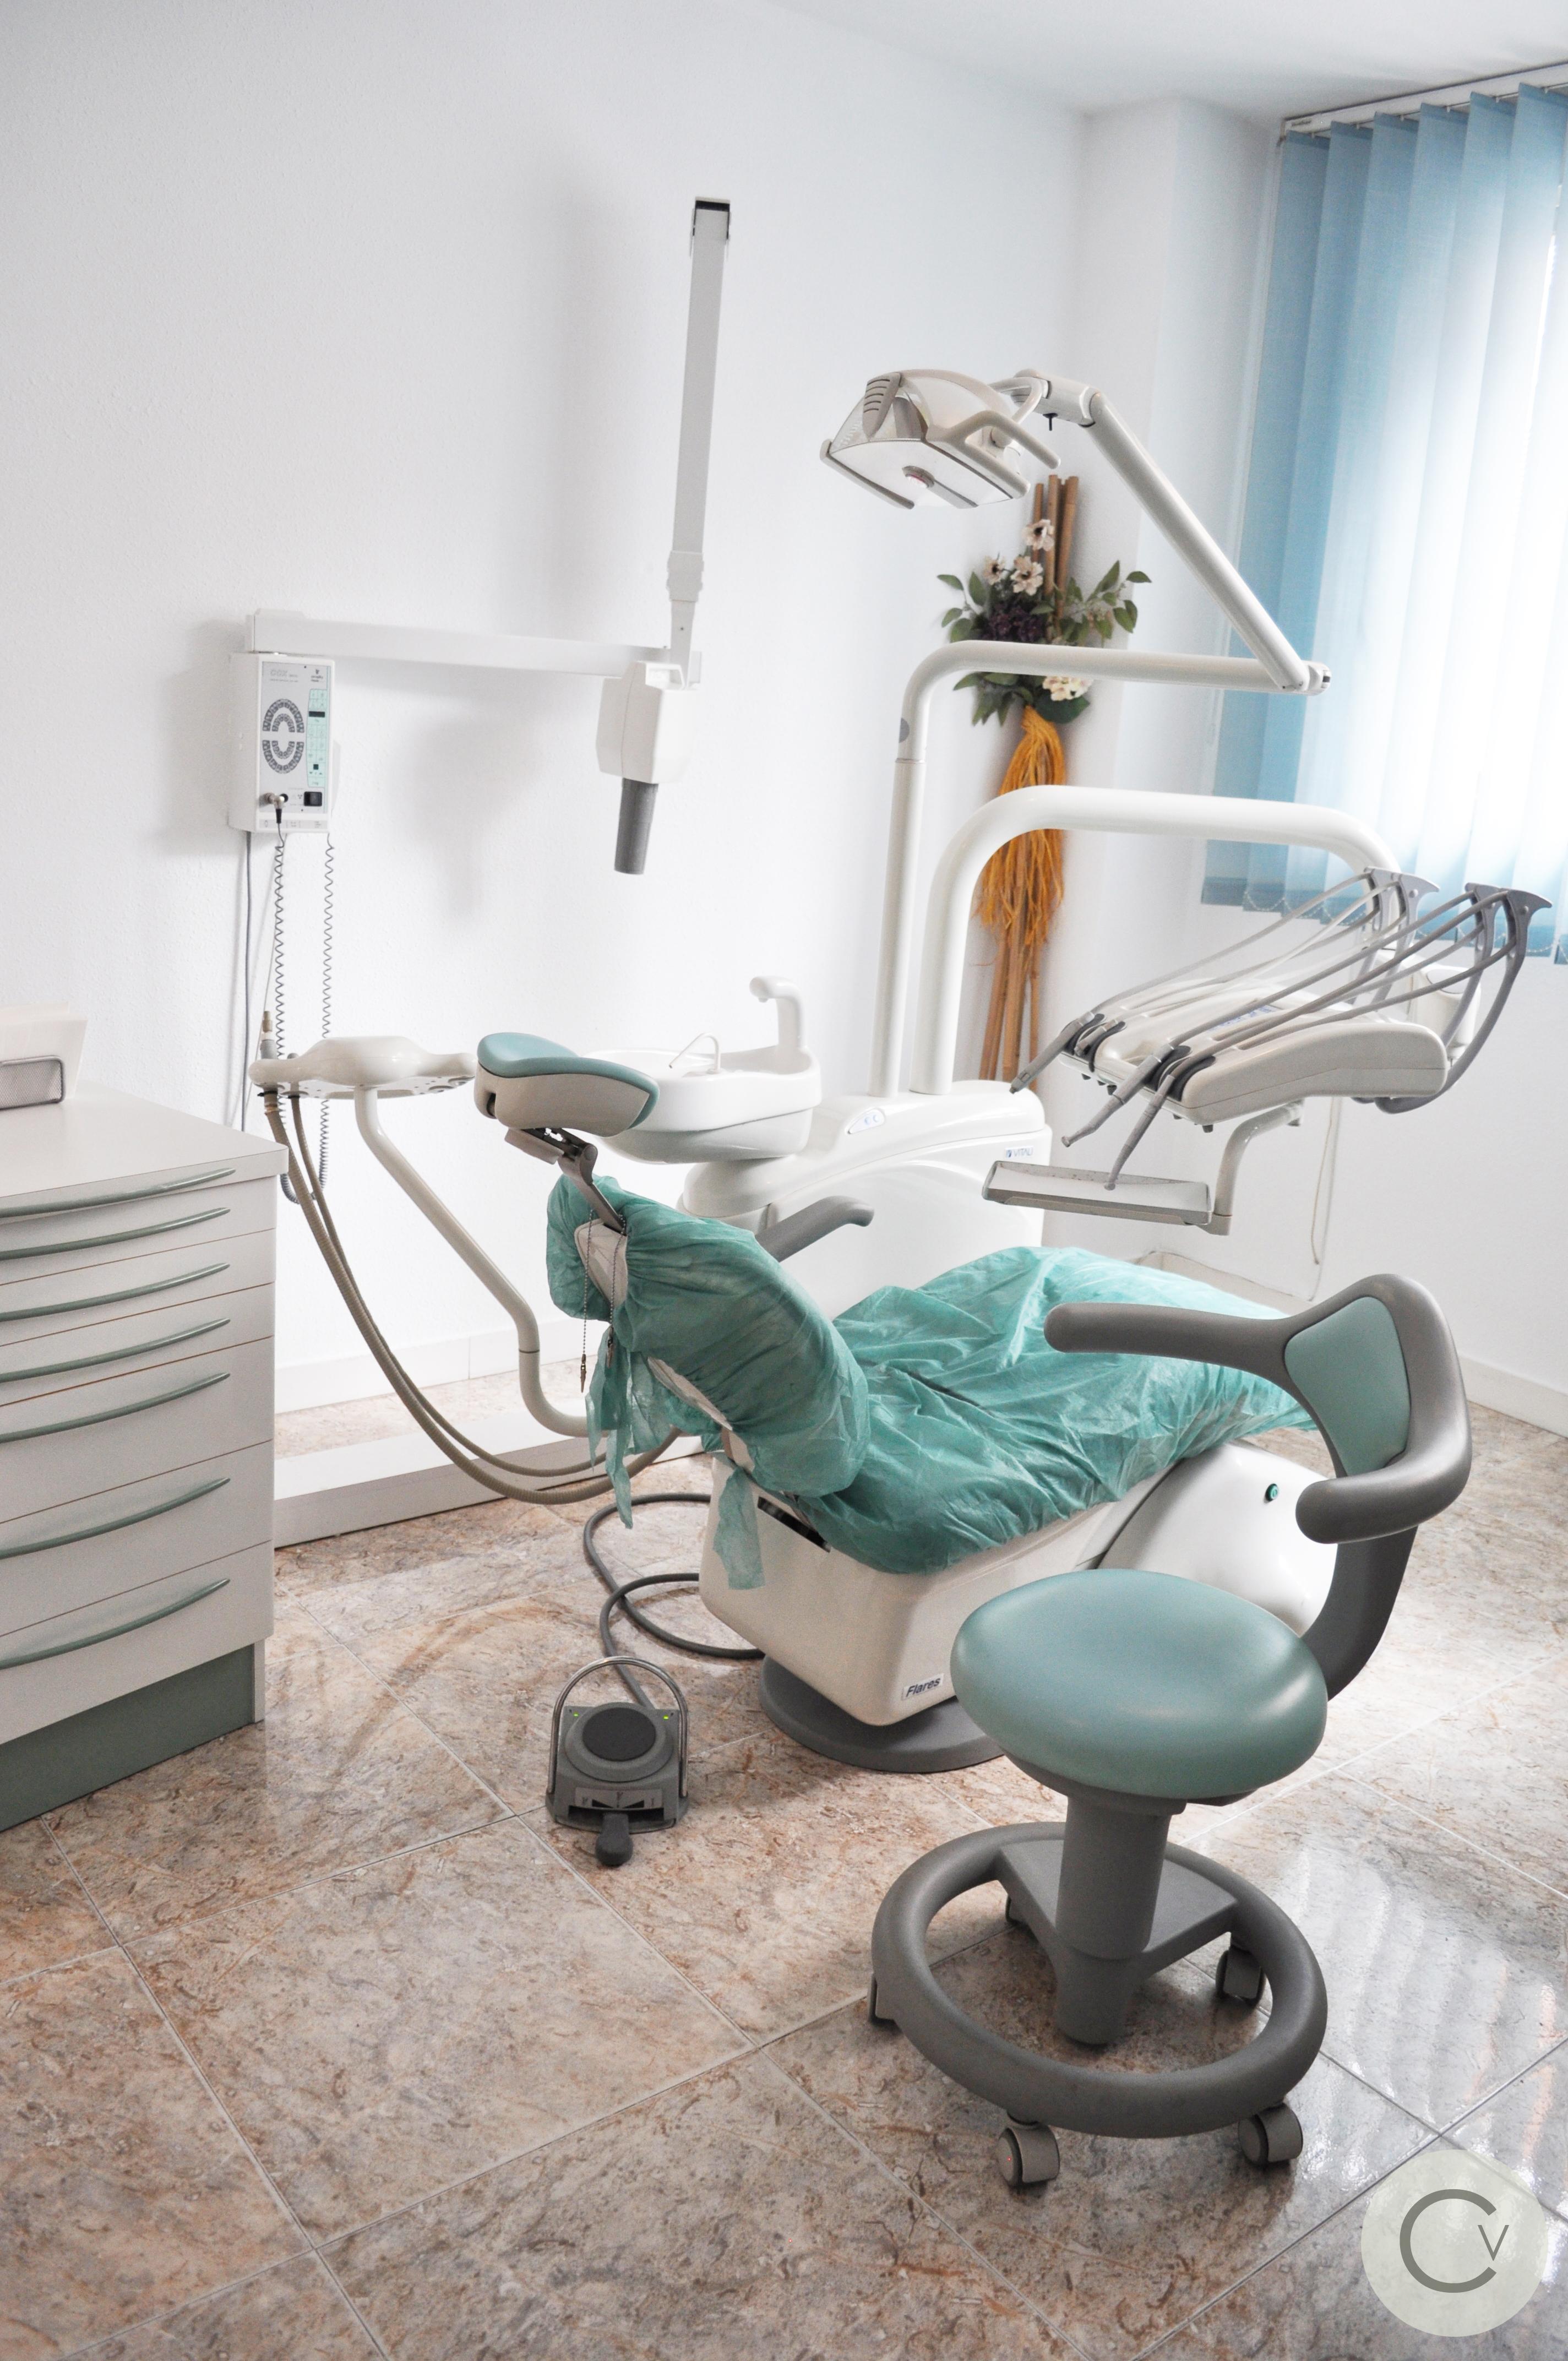 Clínica Dental Valparaíso